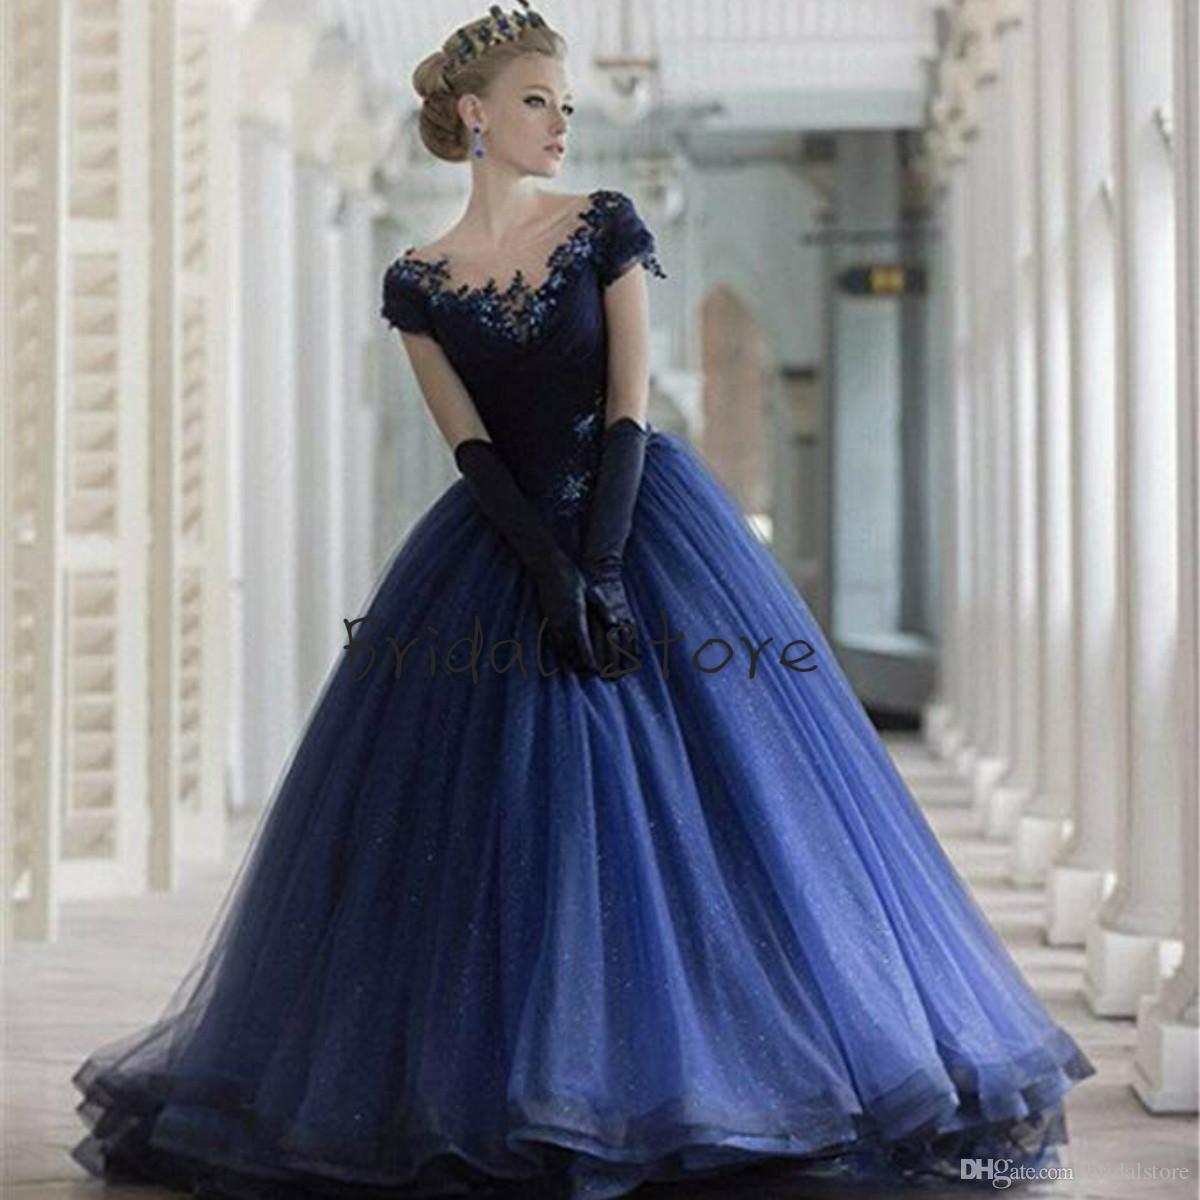 70a331fc76 Compre Azul Marino Puffy Vestidos 15 Años De Organza Con Mangas Con Cuentas  Apliques De Quinceañera Vestidos Para Niñas Princesa Vestidos De Fiesta  Formales ...